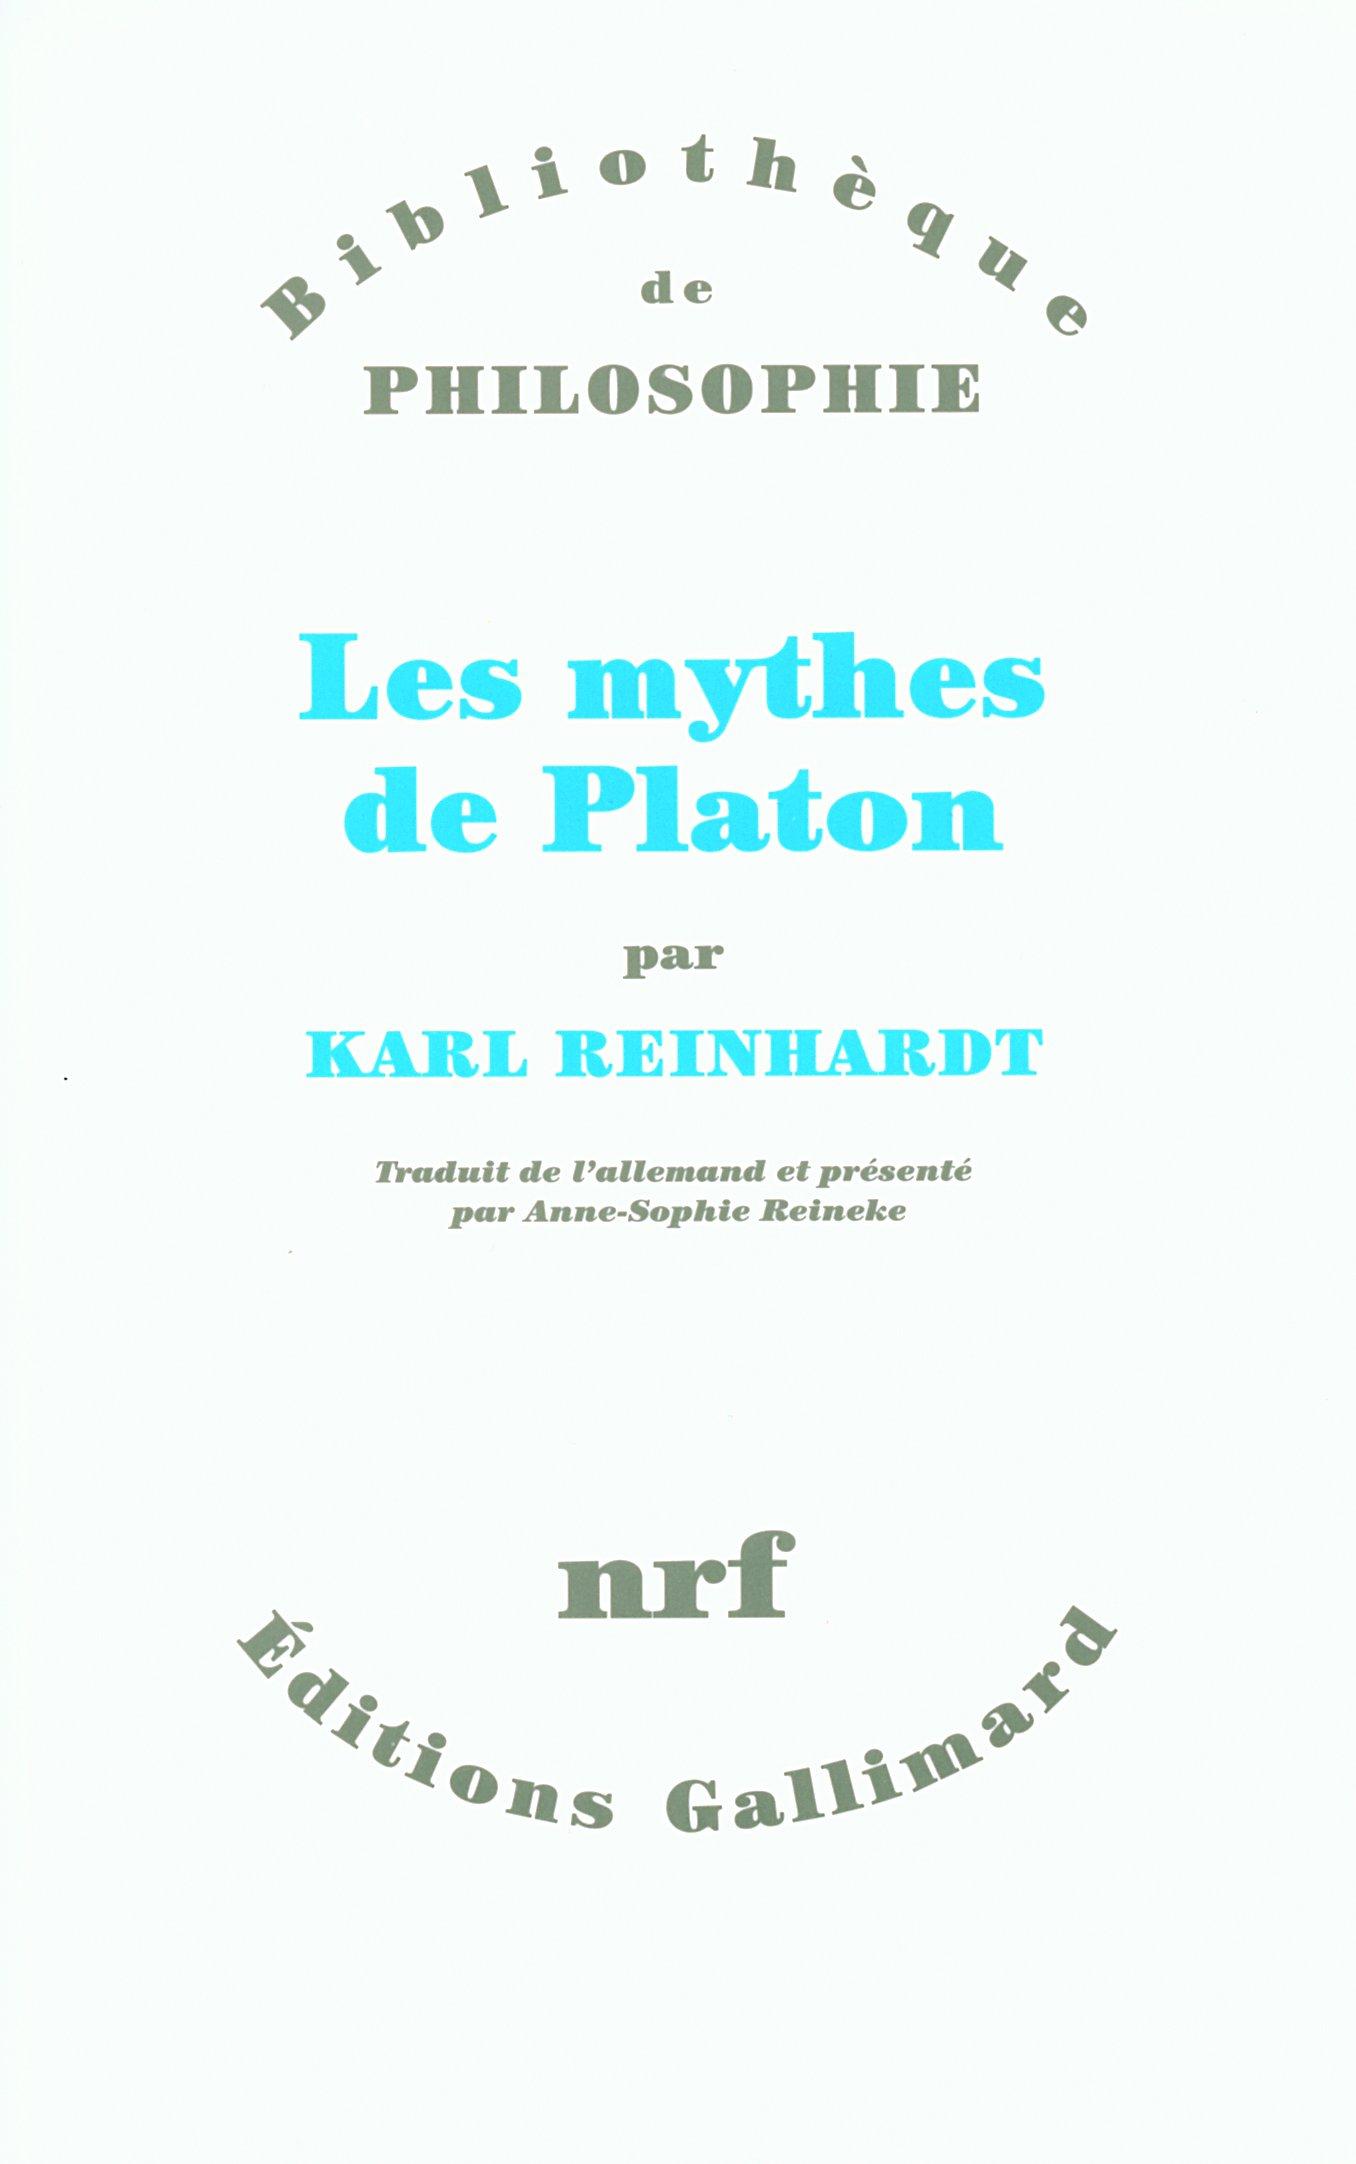 Les mythes de Platon - Karl Reinhardt